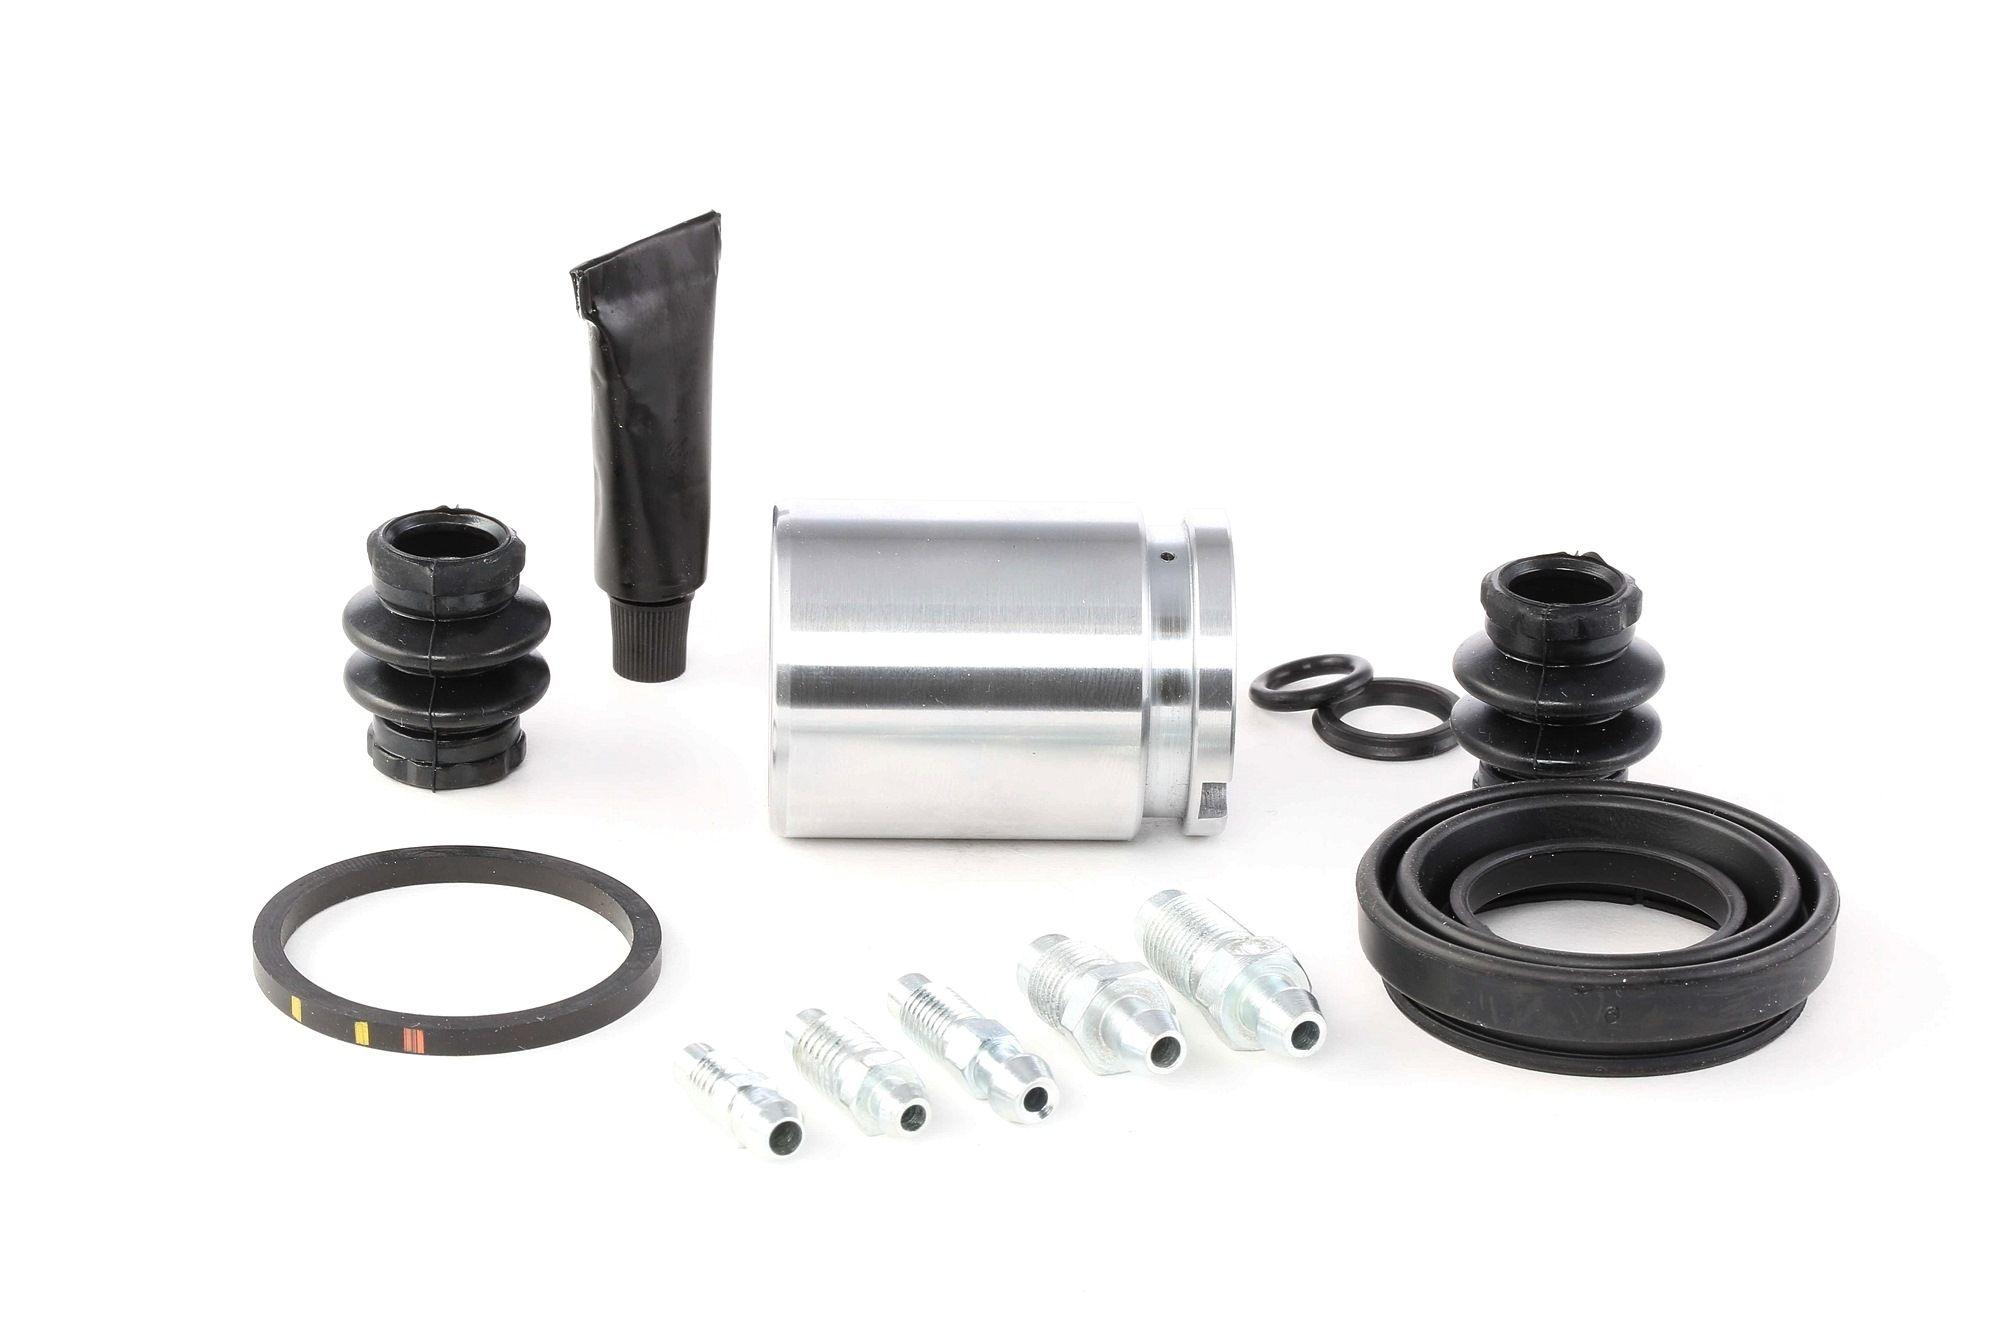 Bremssattelträger Bolzen ERT 400945 Bewertung